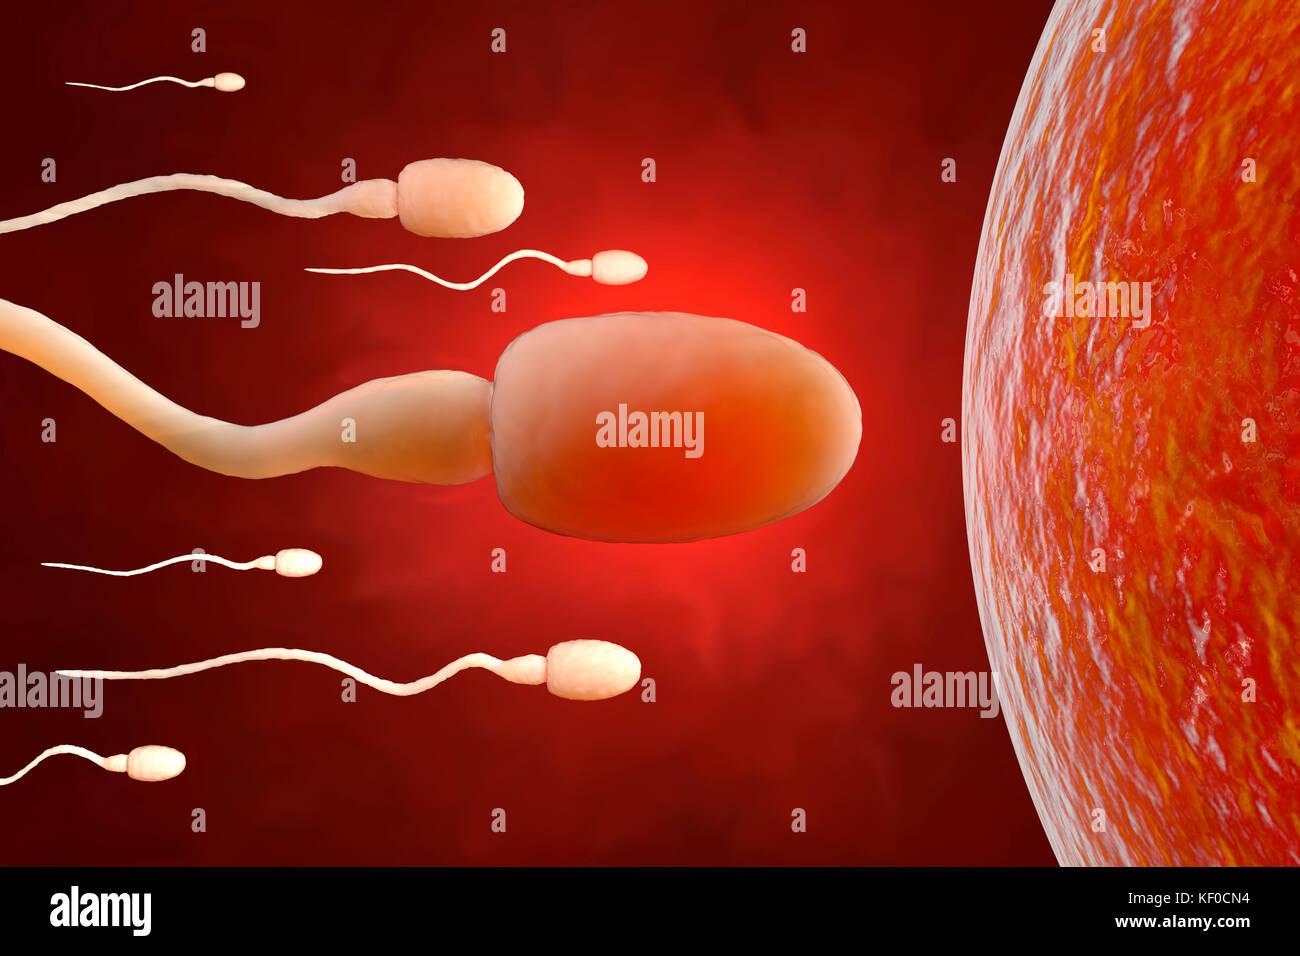 Le sperme en essayant d'atteindre un ovule, 3D Rendering Photo Stock